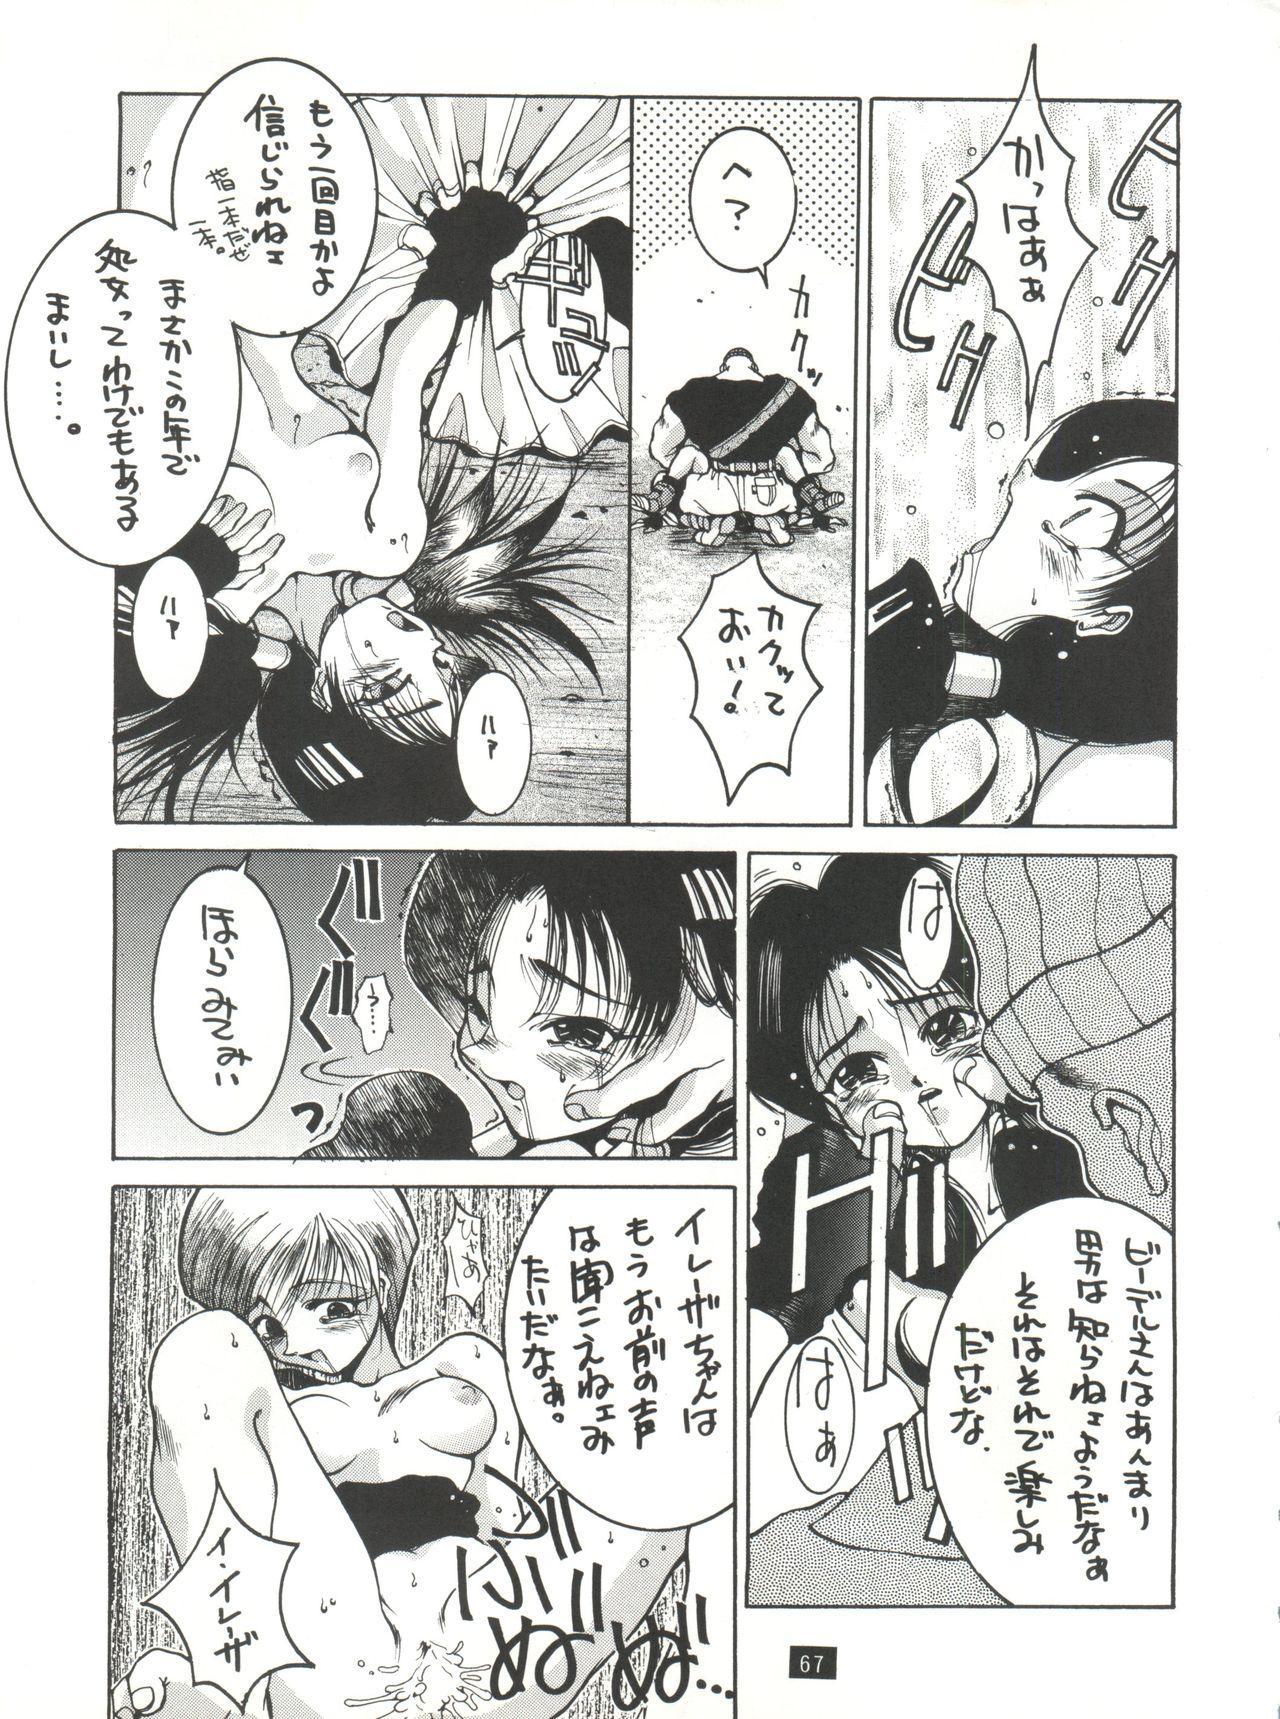 Seijin Naruhito 65